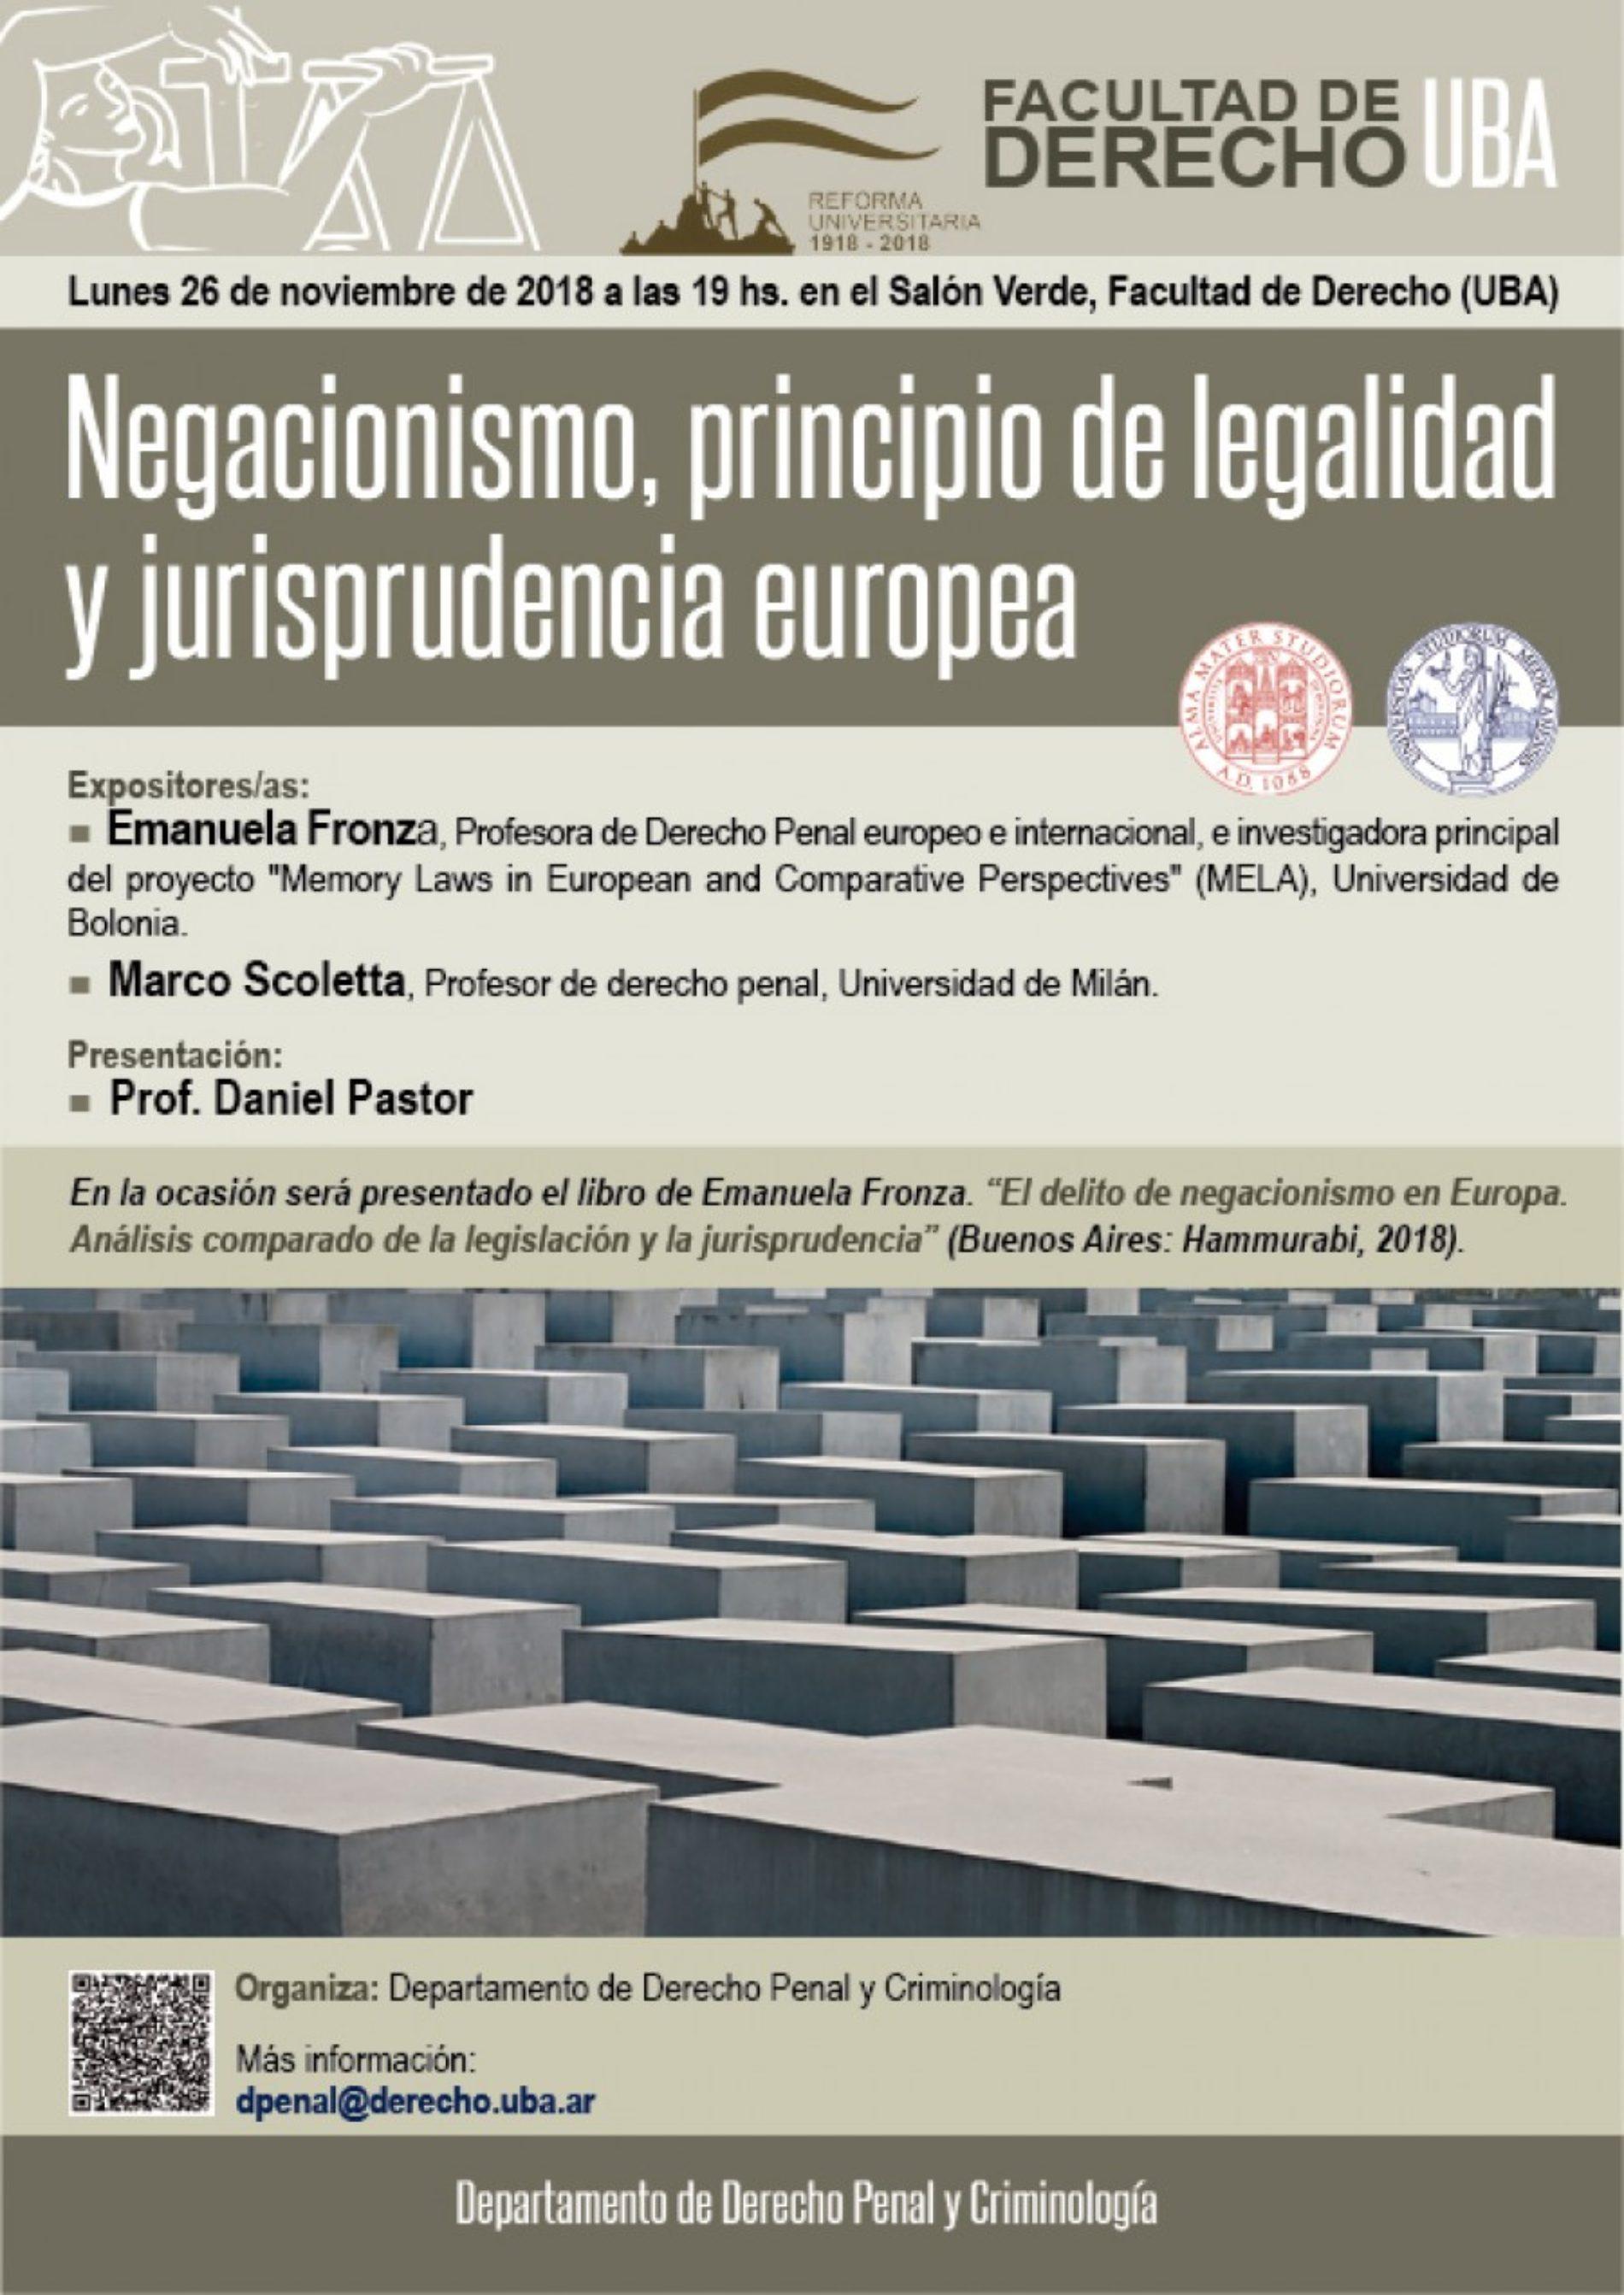 «Negacionismo, principio de legalidad y jurisprudencia europea»